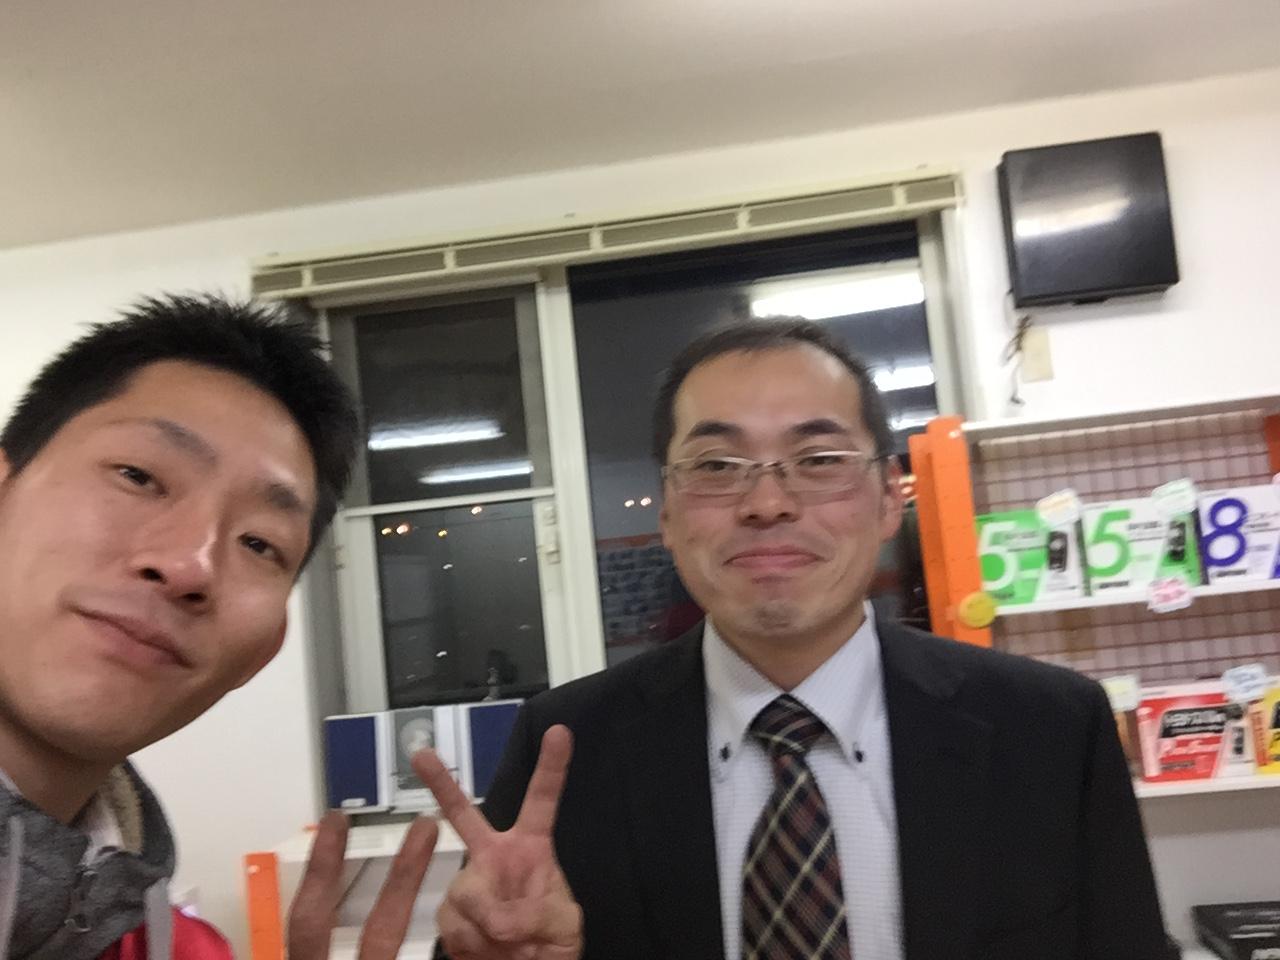 11月14日(土)アウトレット☆ステップワゴンS様納車☆ウィッシュN様納車☆_b0127002_20185489.jpg